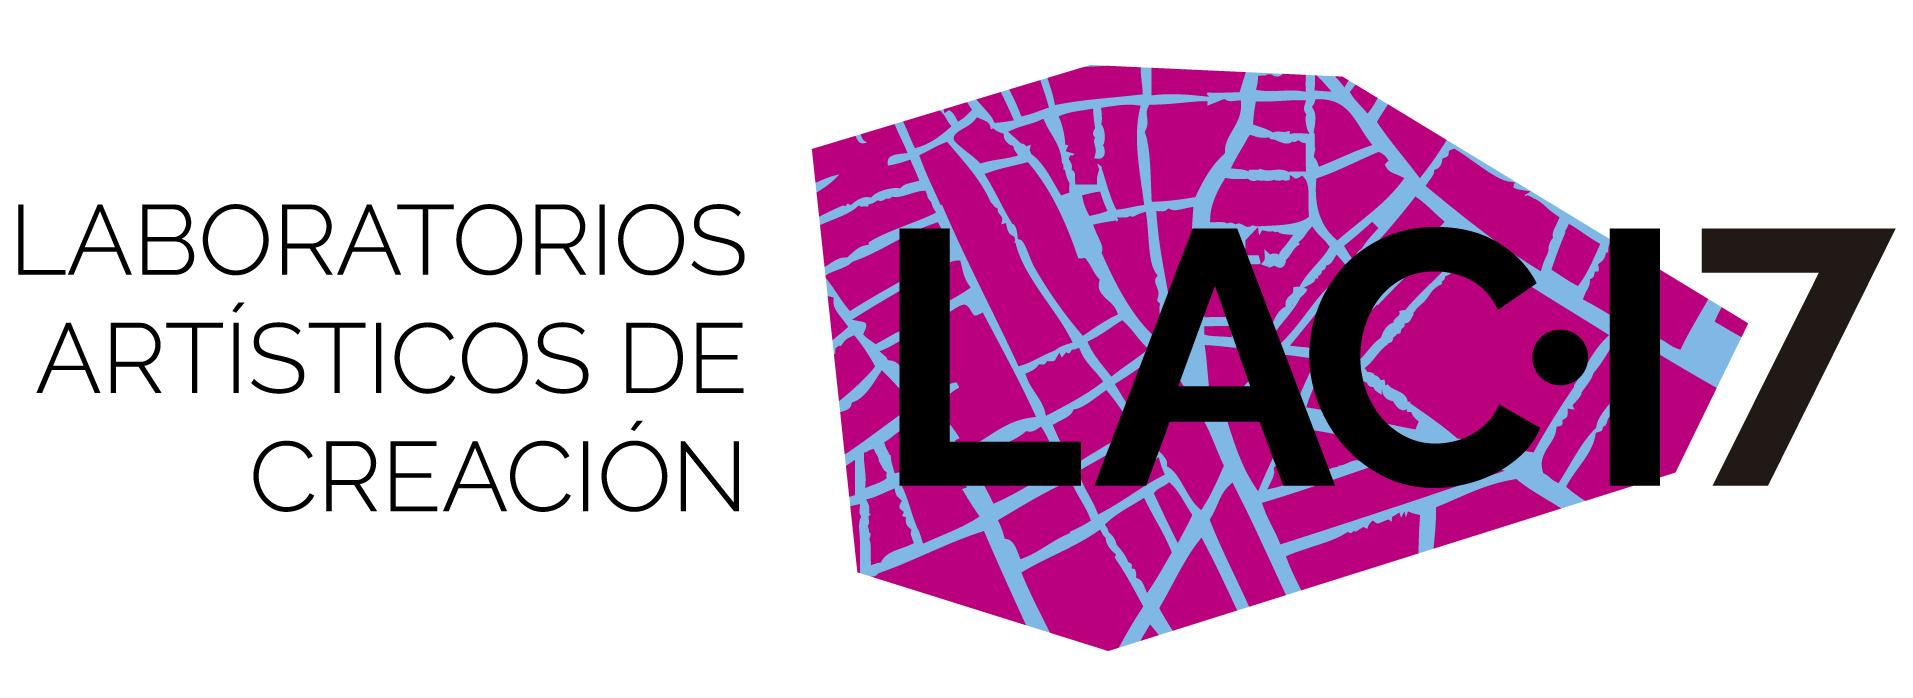 Logo Laboratorios Artísticos de Creación LAC17 jpg